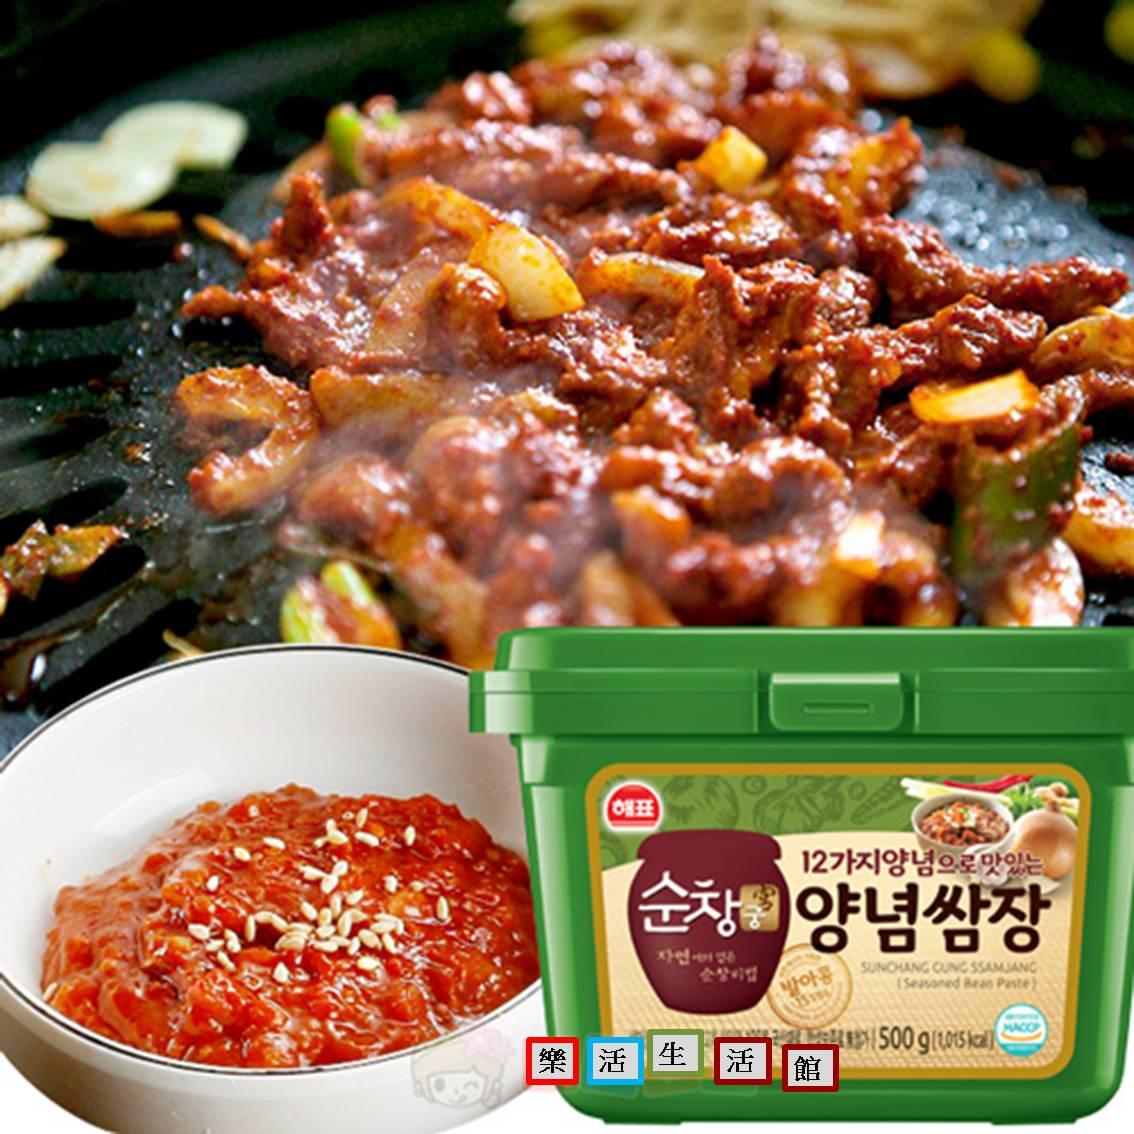 韓國SAJO思潮包飯醬/蔬菜醬/豆瓣醬   【樂活生活館】